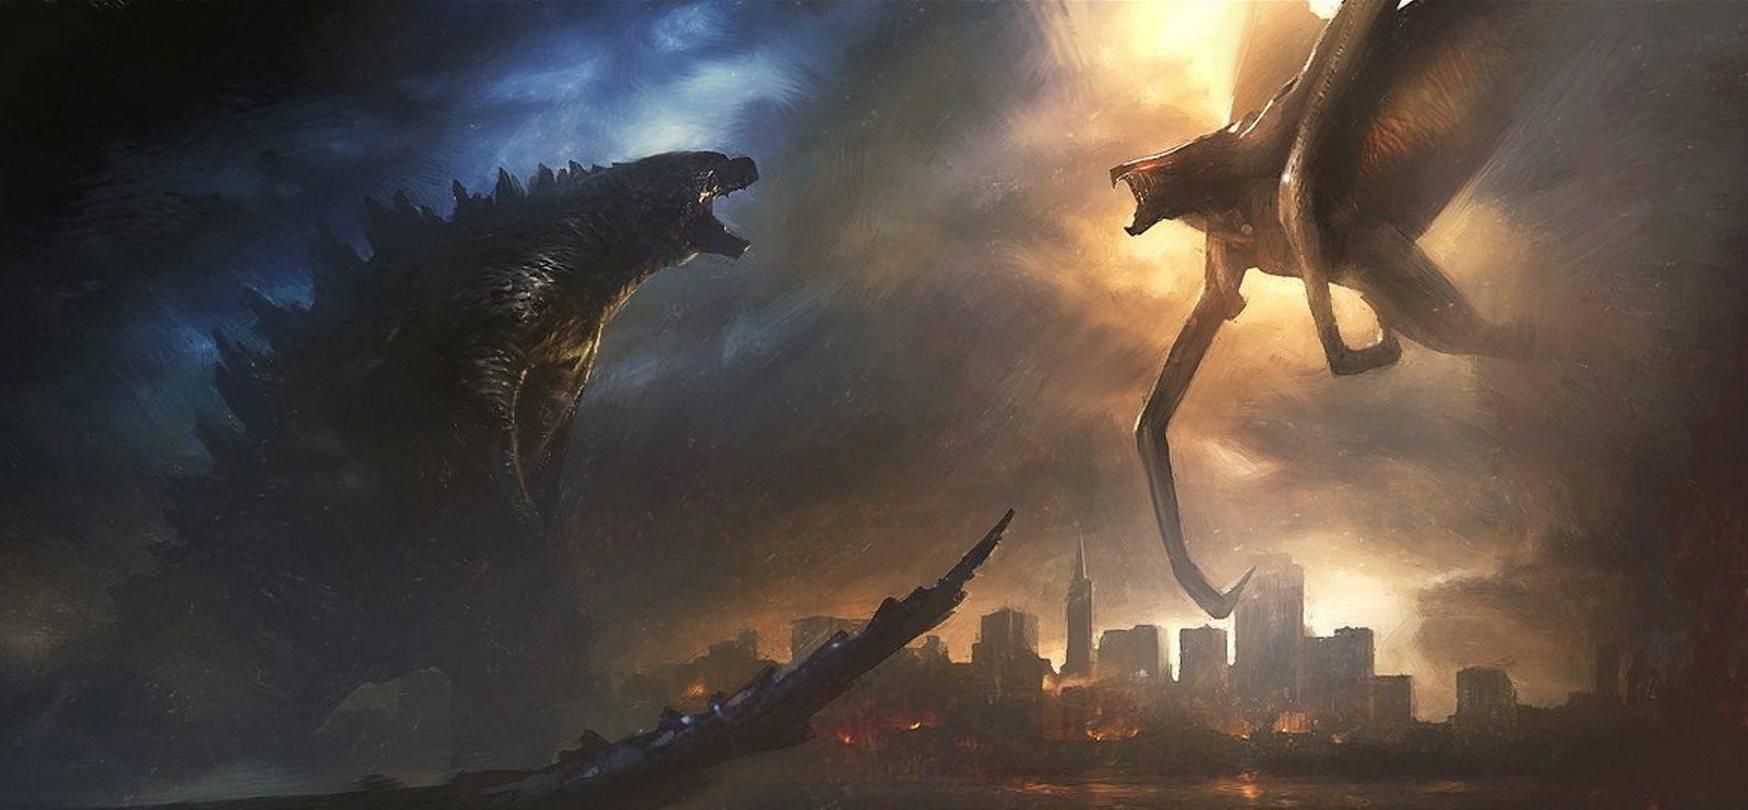 Godzilla vs Muto in Godzilla (2014)